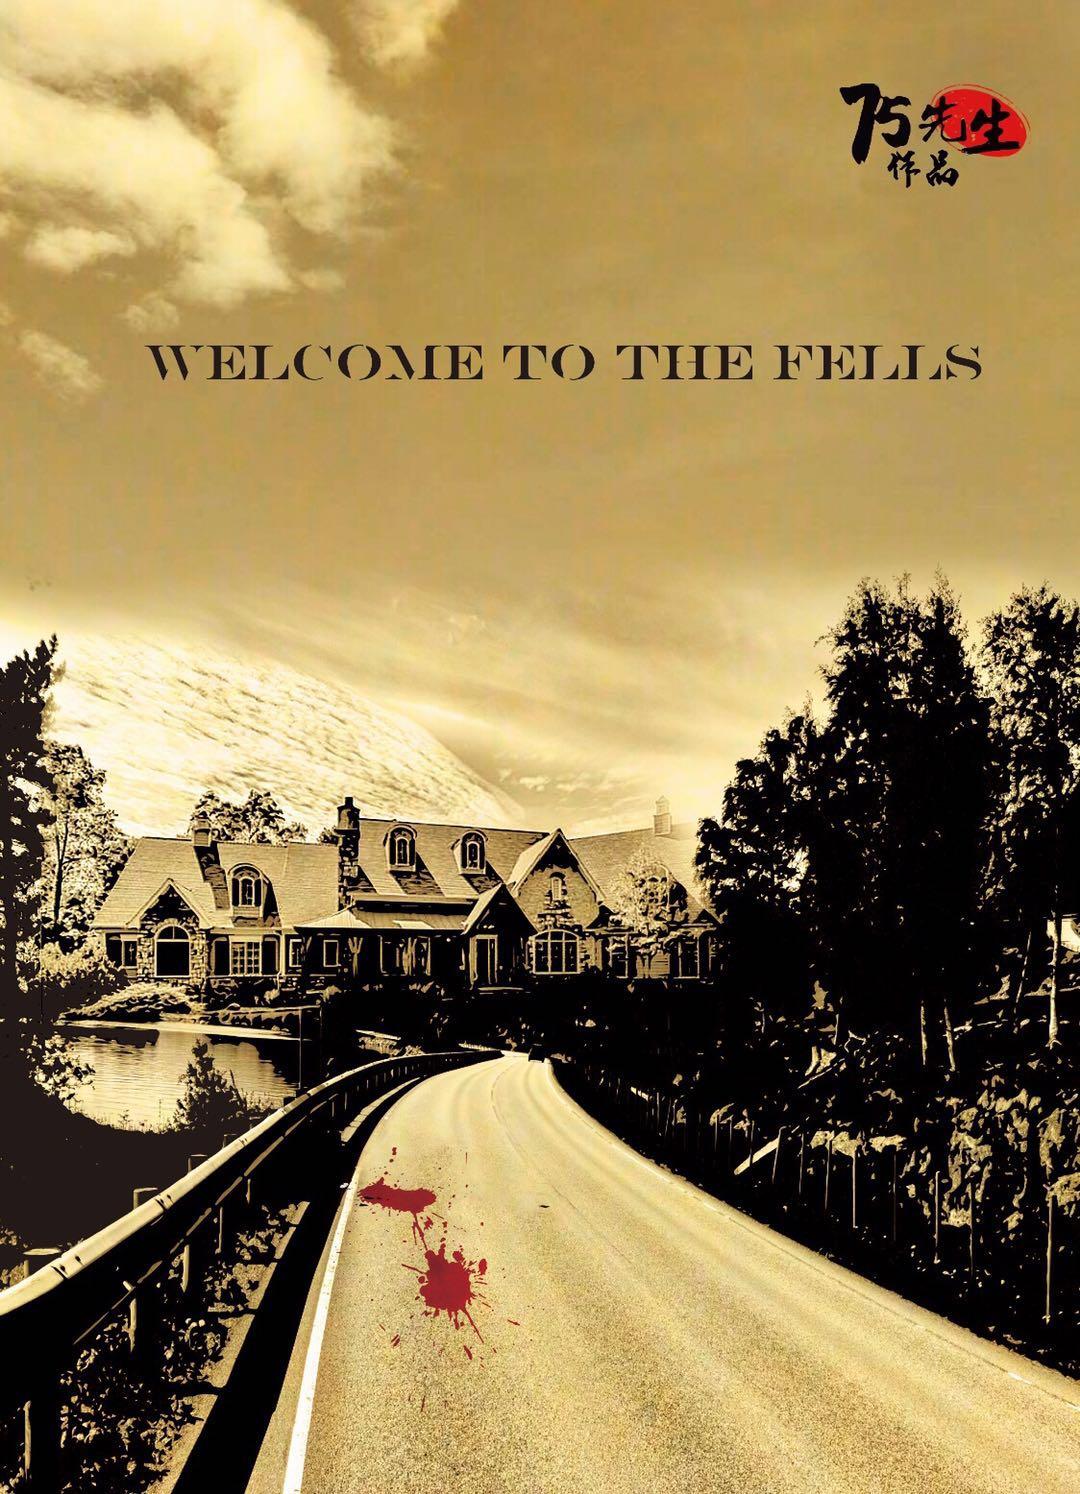 『欢迎来到菲尔斯街区』剧本杀复盘解析 剧透结局 凶手是谁 真相答案